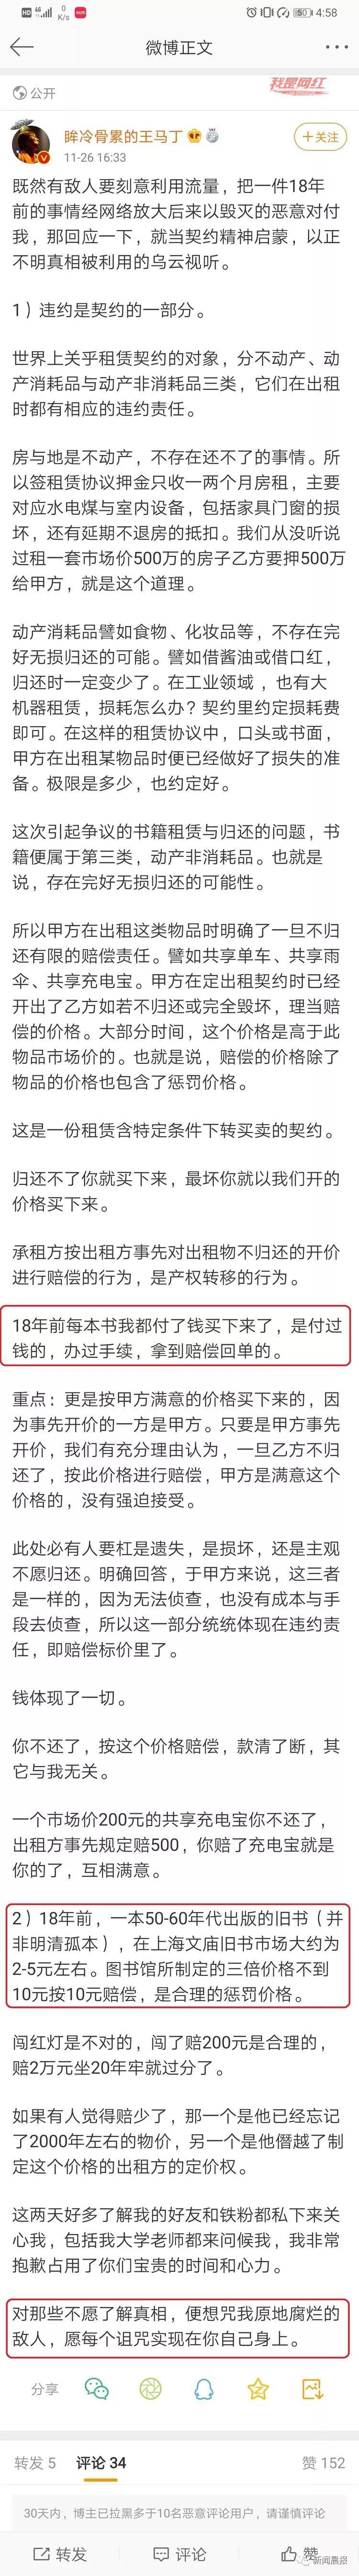 华侨人首页|谁说香港电影没有优秀恐怖片,看过这八部影片后包你不敢睡觉